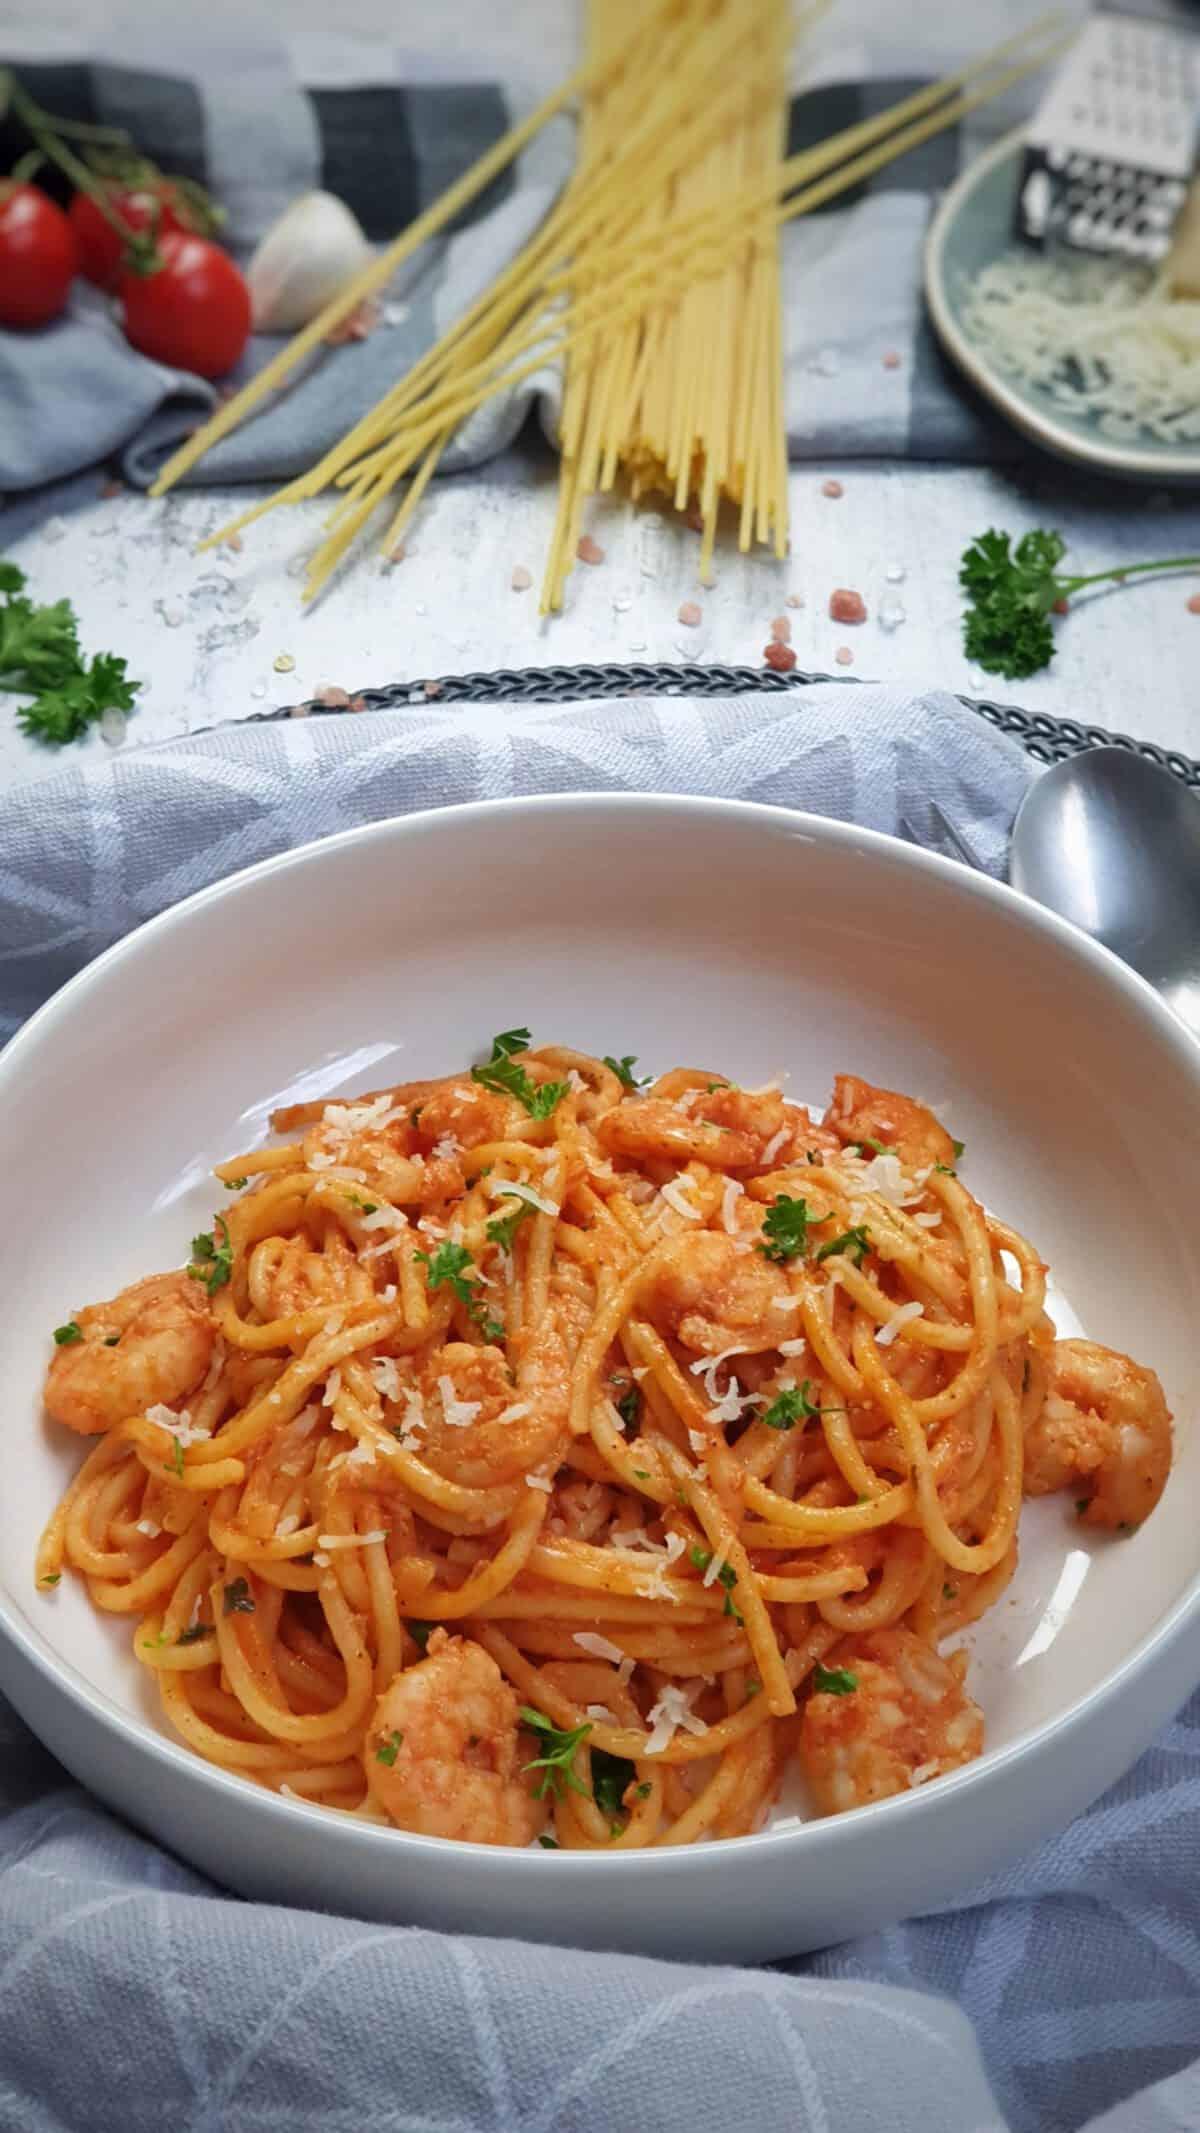 In einer weißen runden Schale angerichtet Spaghetti mit Garnelen und Tomaten-Soße. Die Spaghetti sind mit Petersilie und Parmesan bestreut. Im Hintergrund Deko.